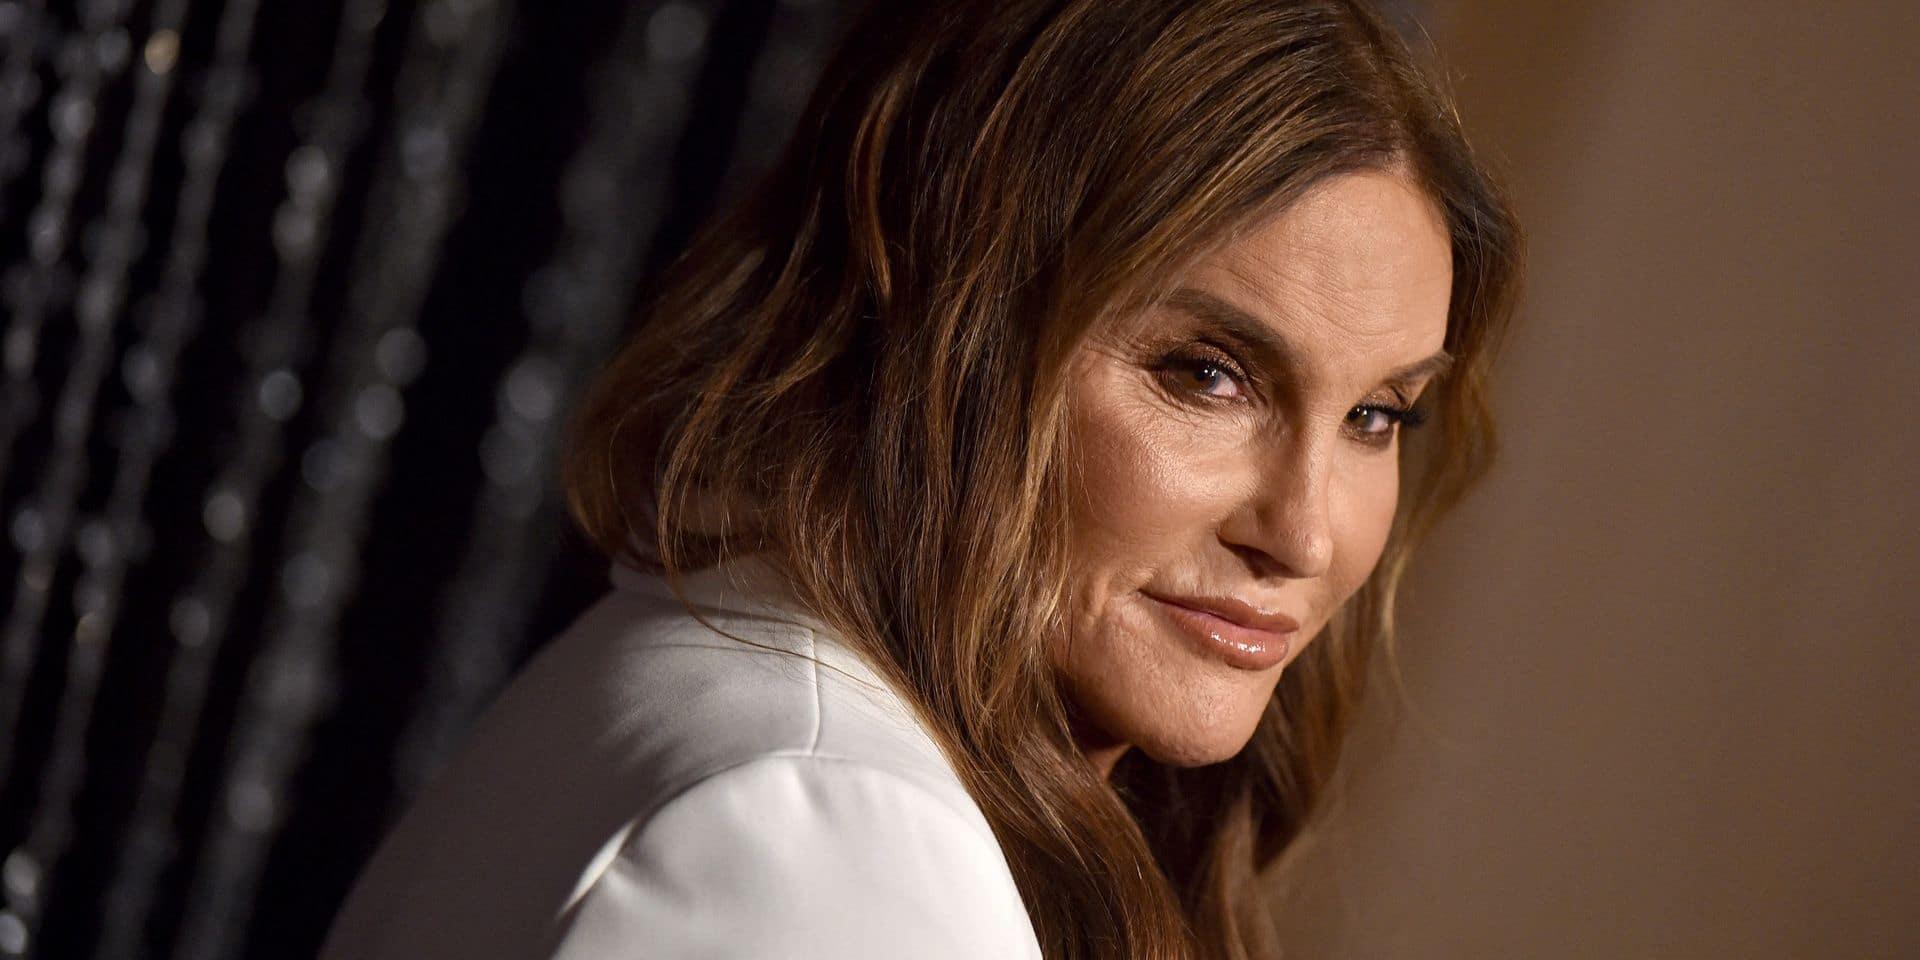 Caitlyn Jenner, icone transgenre, candidate au poste de gouverneur de Californie